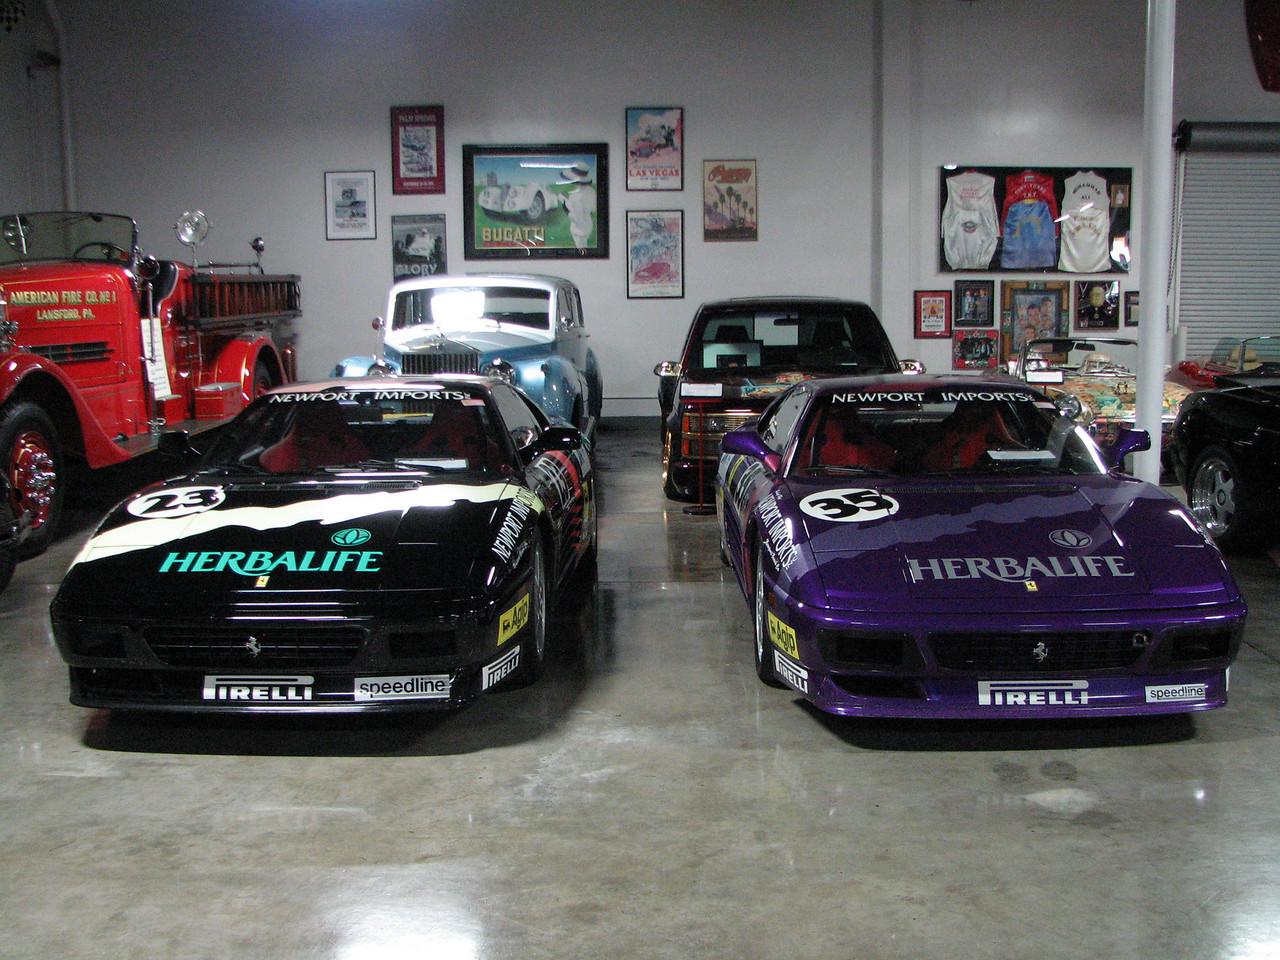 2008 06 10 Tue - Herbalife Ferraris